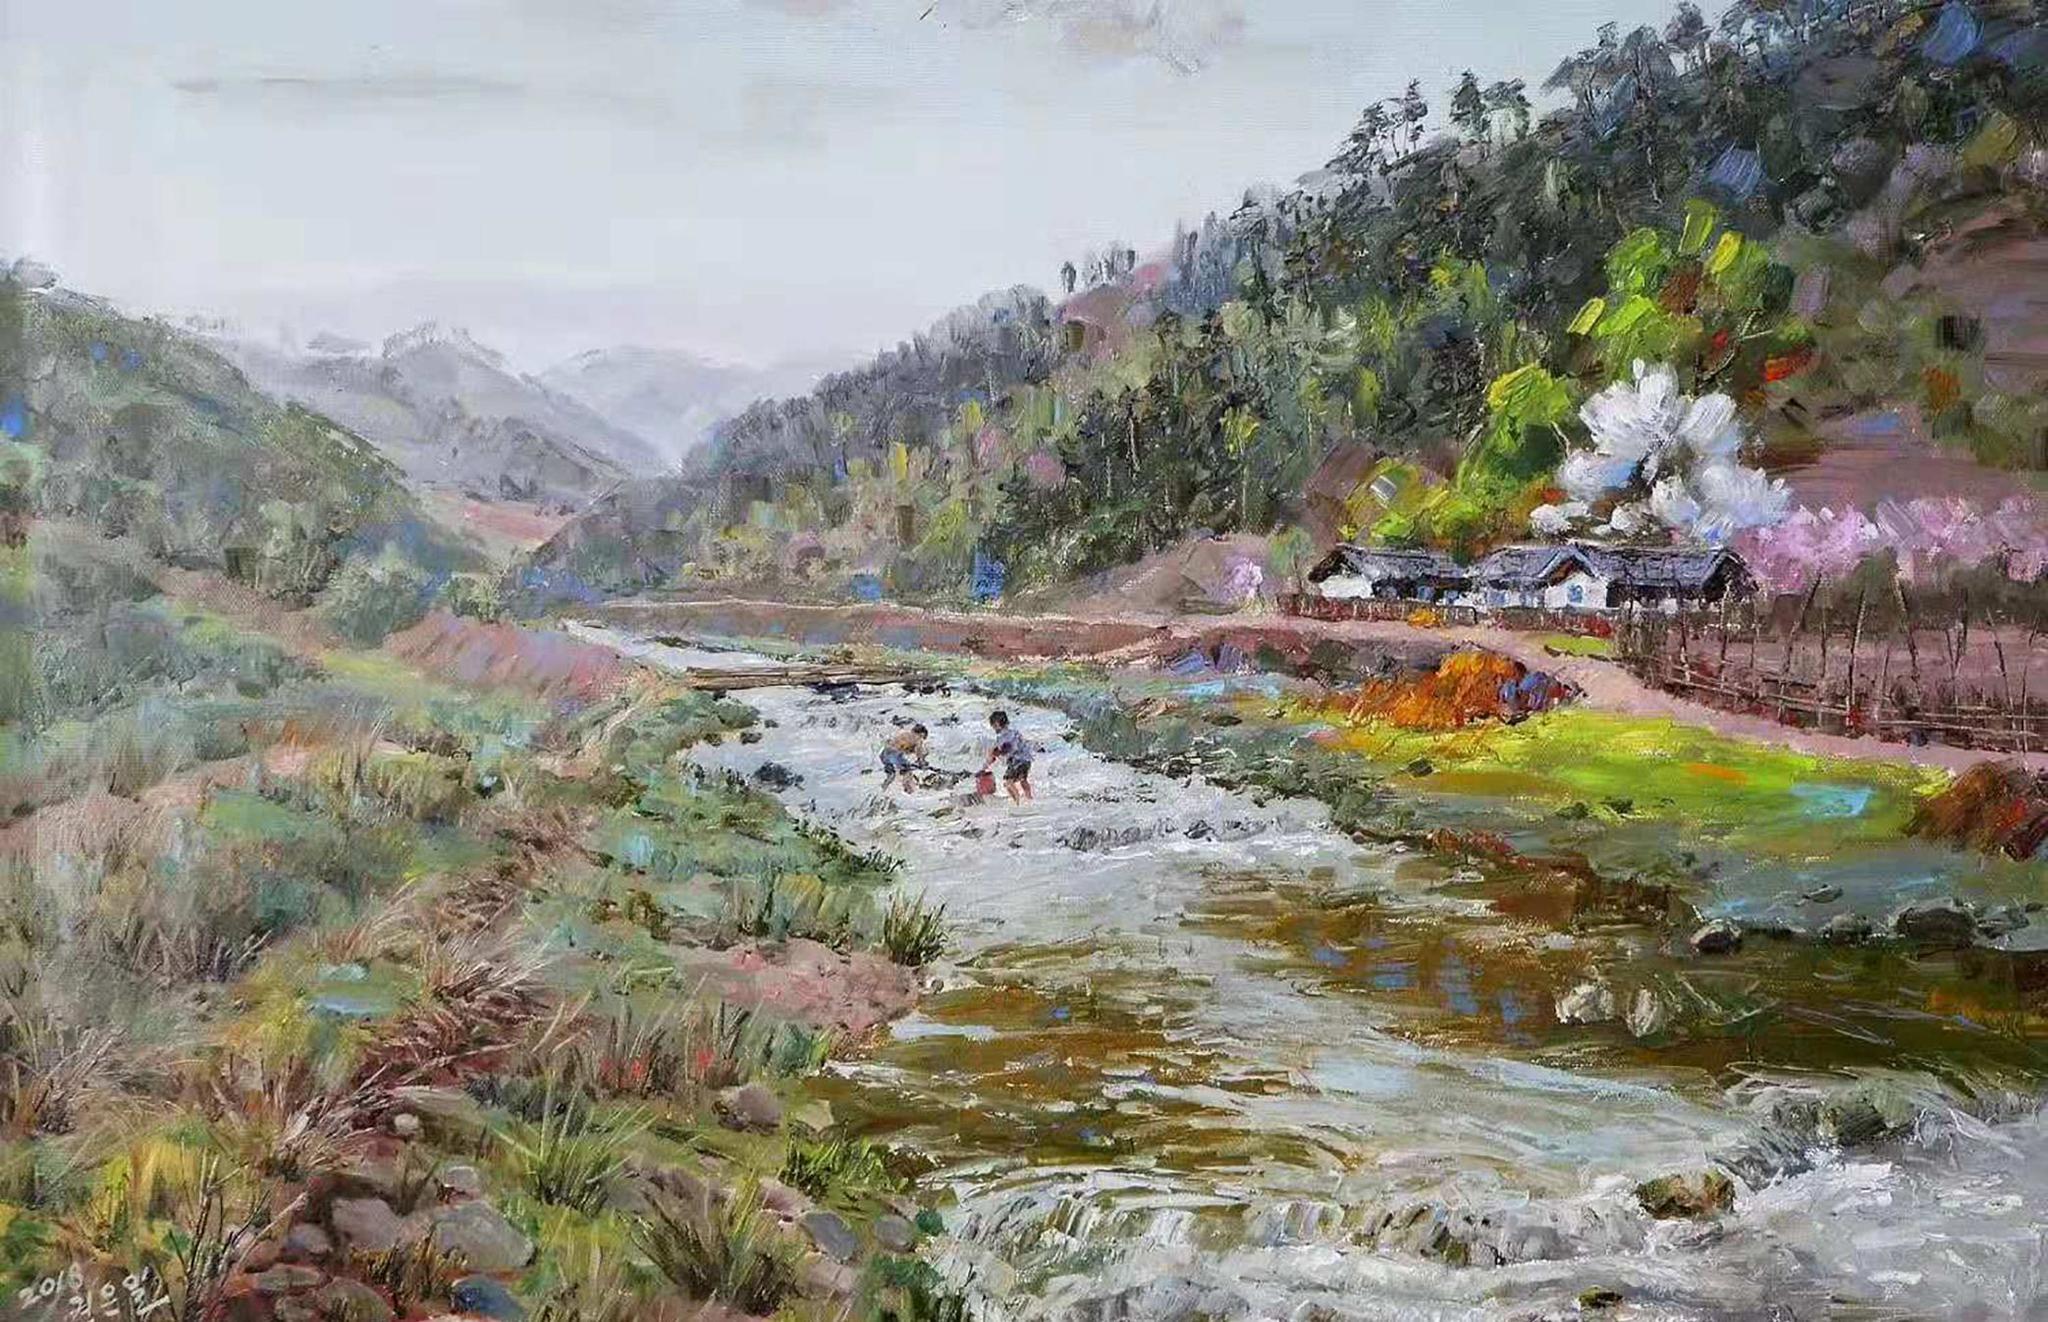 油画风景:一组描绘小溪、梨花、枫叶和民房的乡村风景油画小品